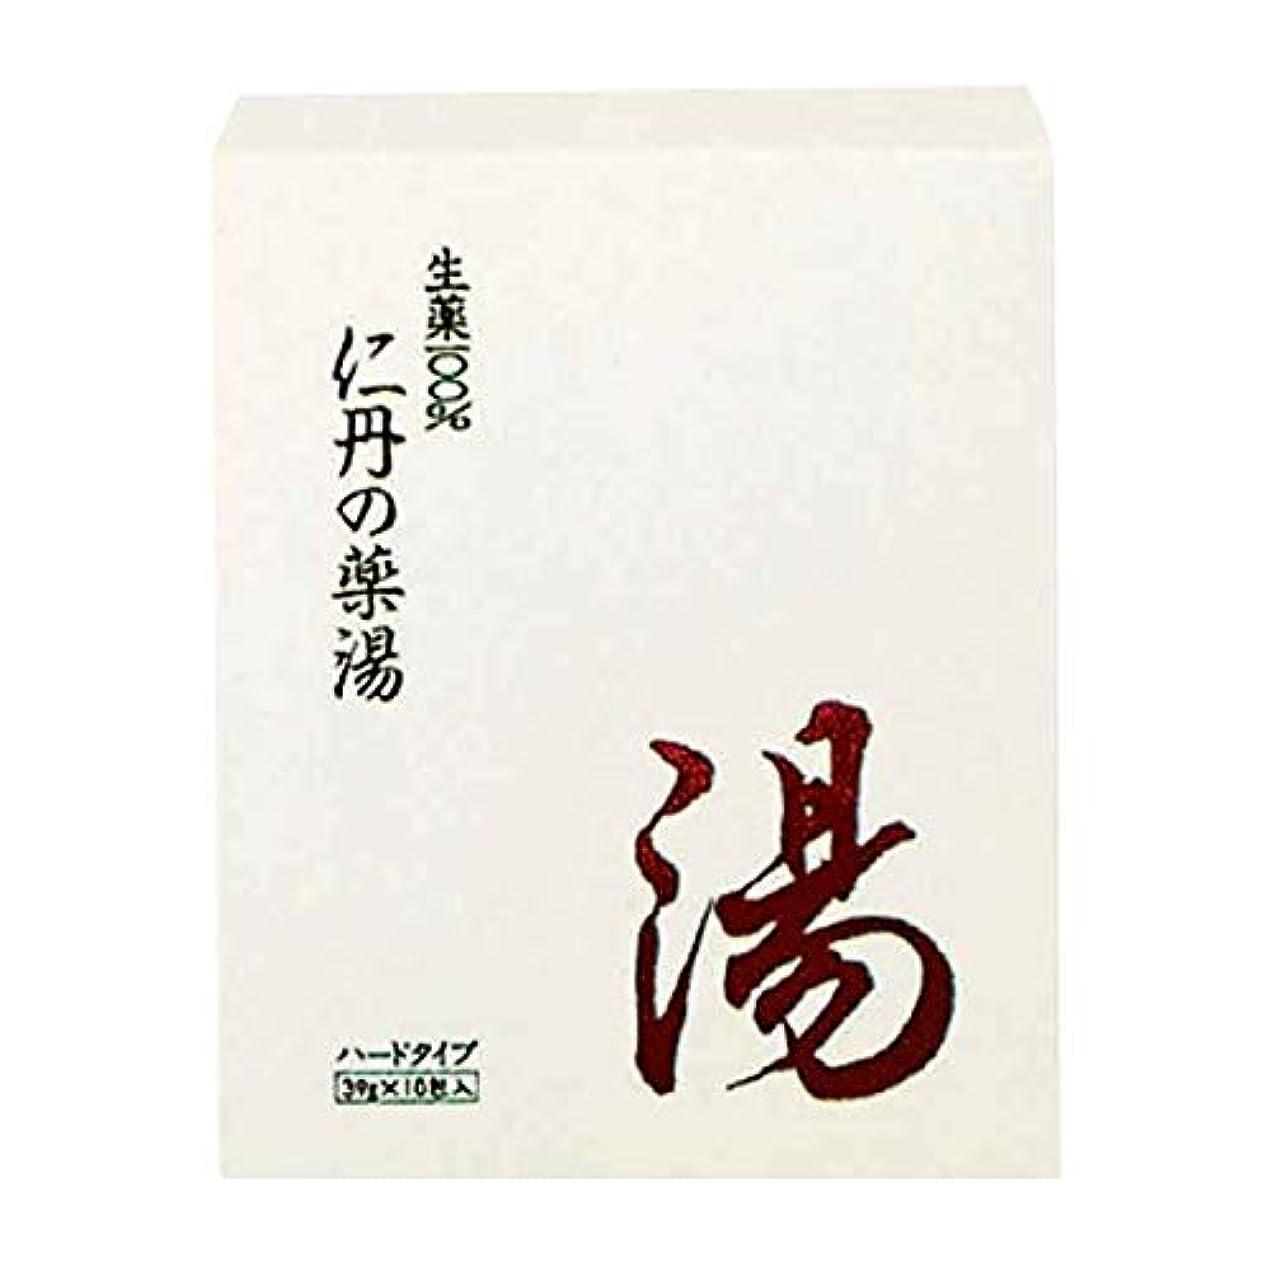 シャックルうぬぼれた同志森下仁丹 仁丹の薬湯(ハード) 10包 [医薬部外品]